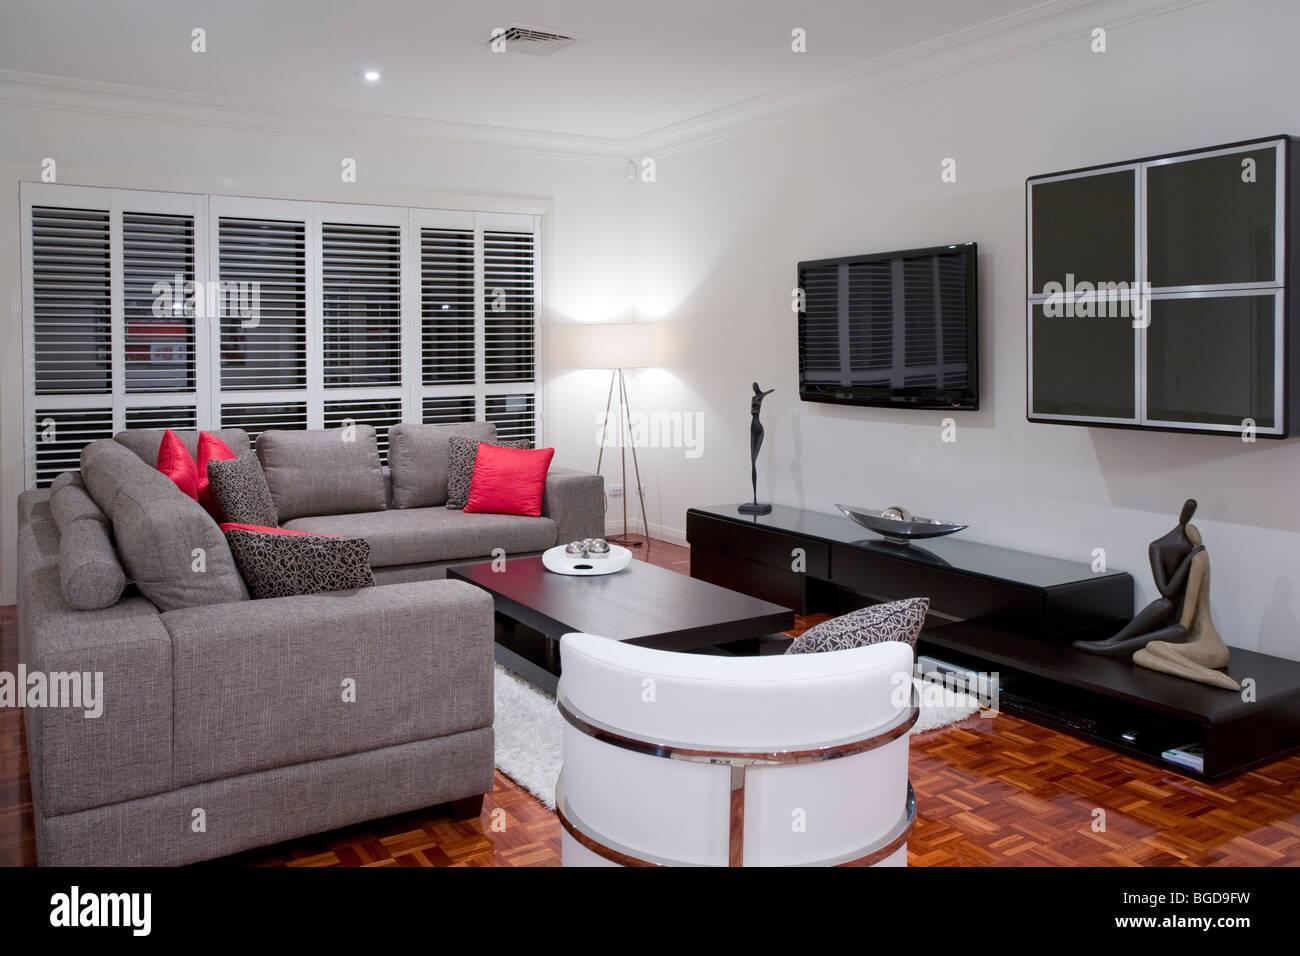 moderne wohnzimmer interieur mit holzkohle sofa und schokolade ... - Grose Moderne Wohnzimmer